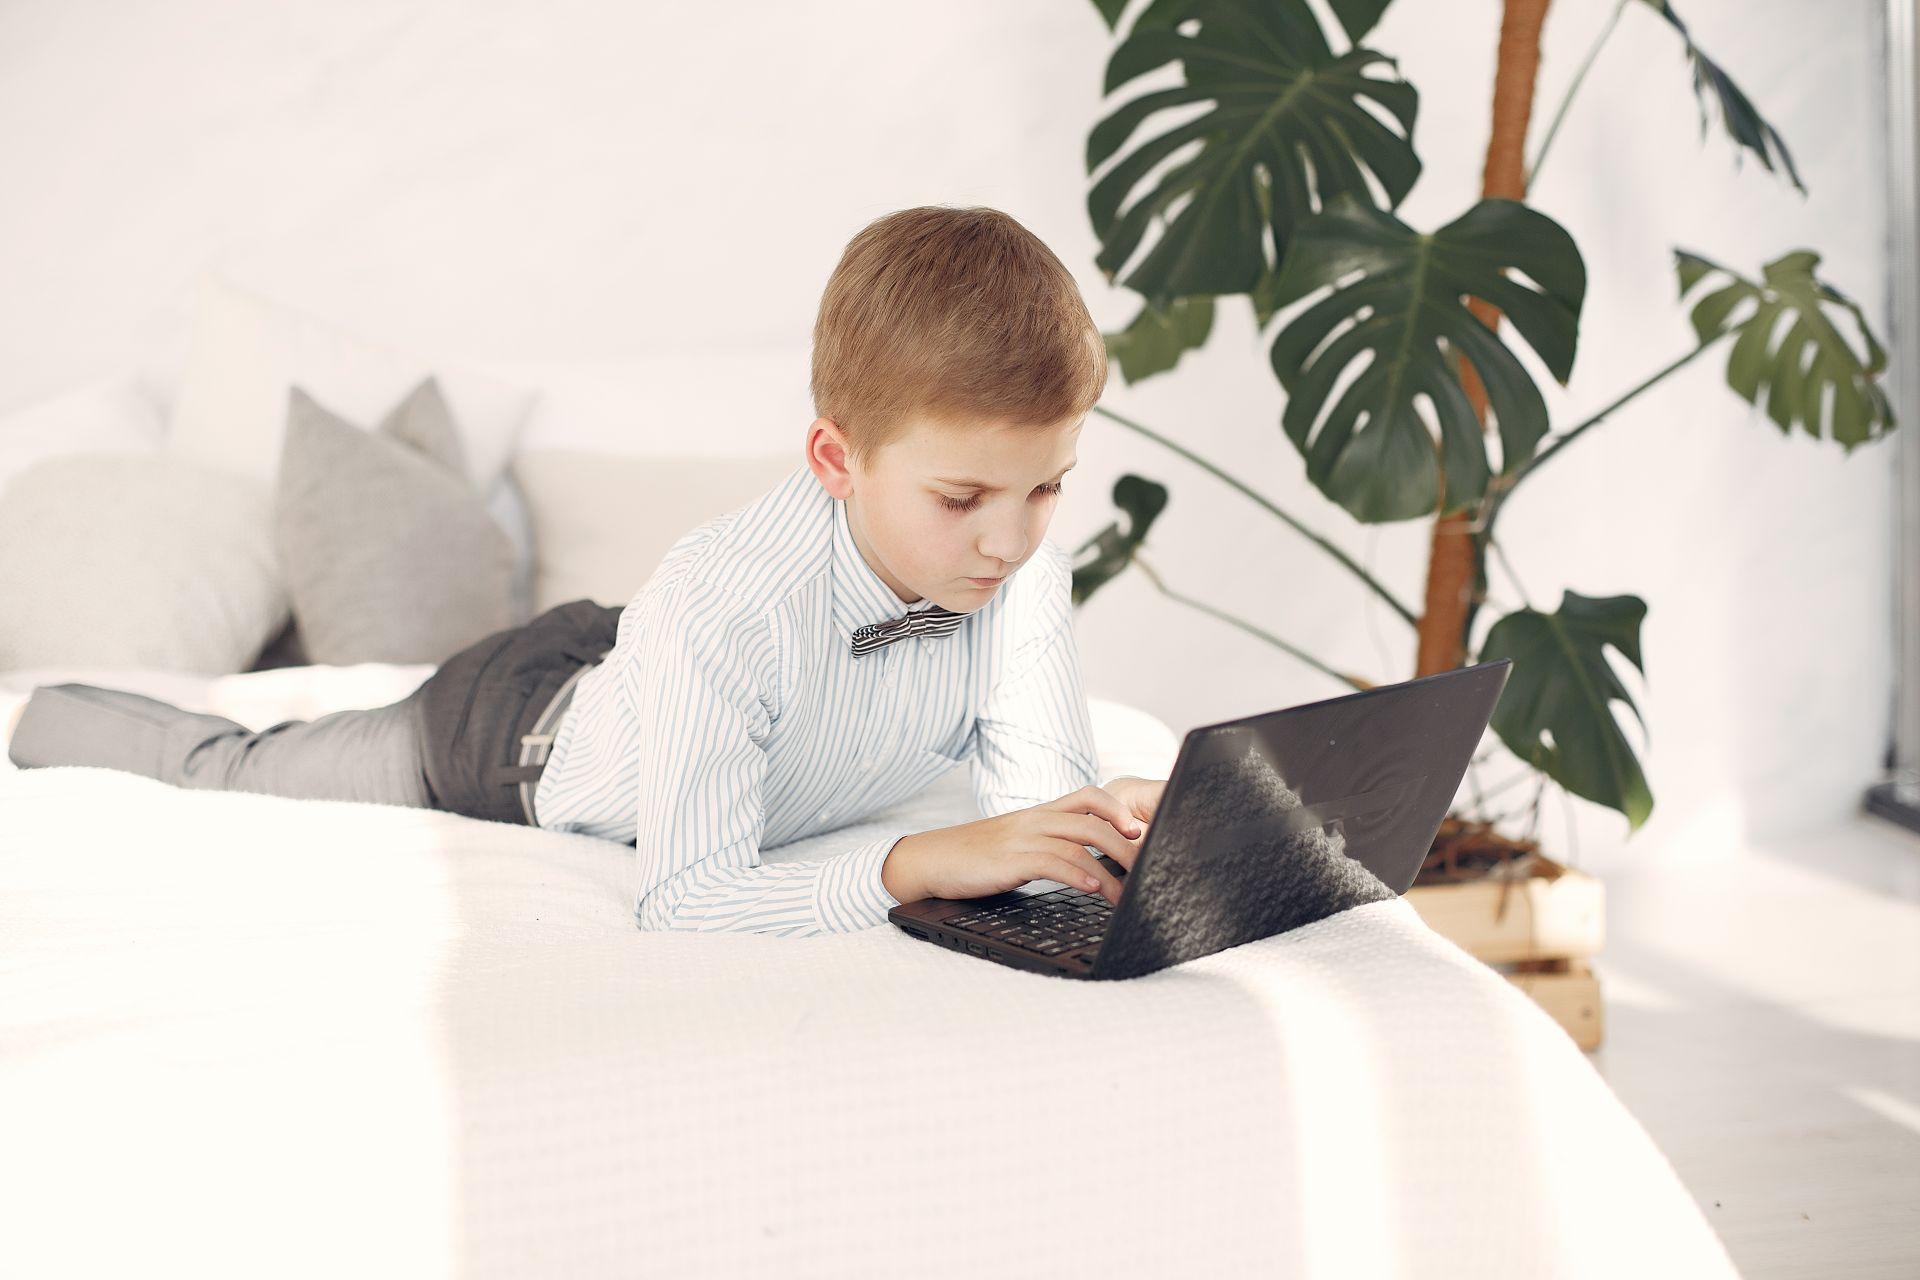 Jaki komputer dla dziecka warto kupić?